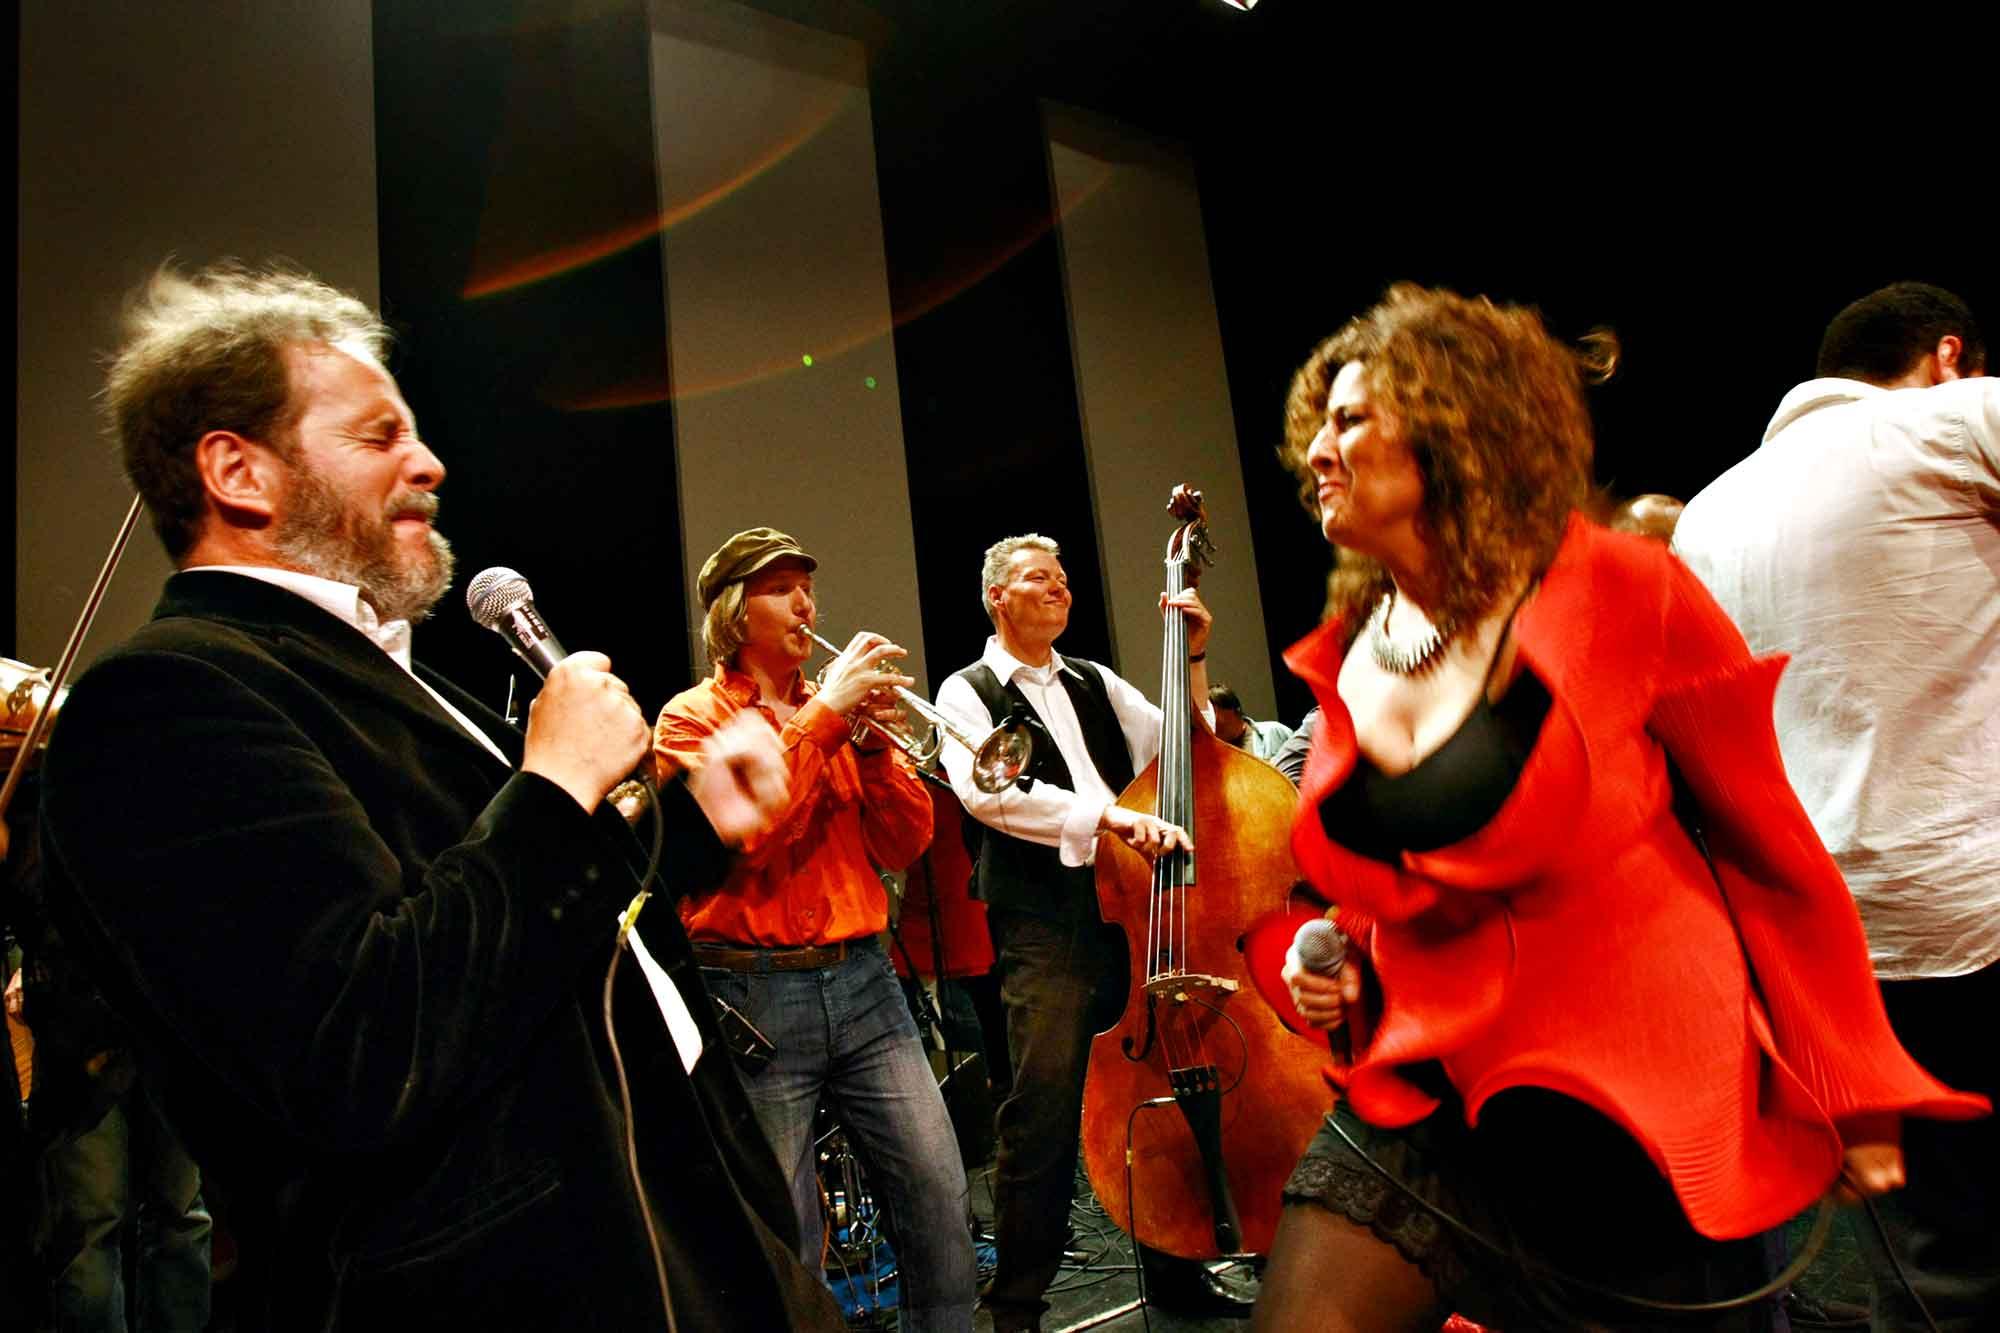 Oboisten og verdensmusikeren Henrik Goldschmidt optræder sammen med Channe Nussbaum i Tivoli